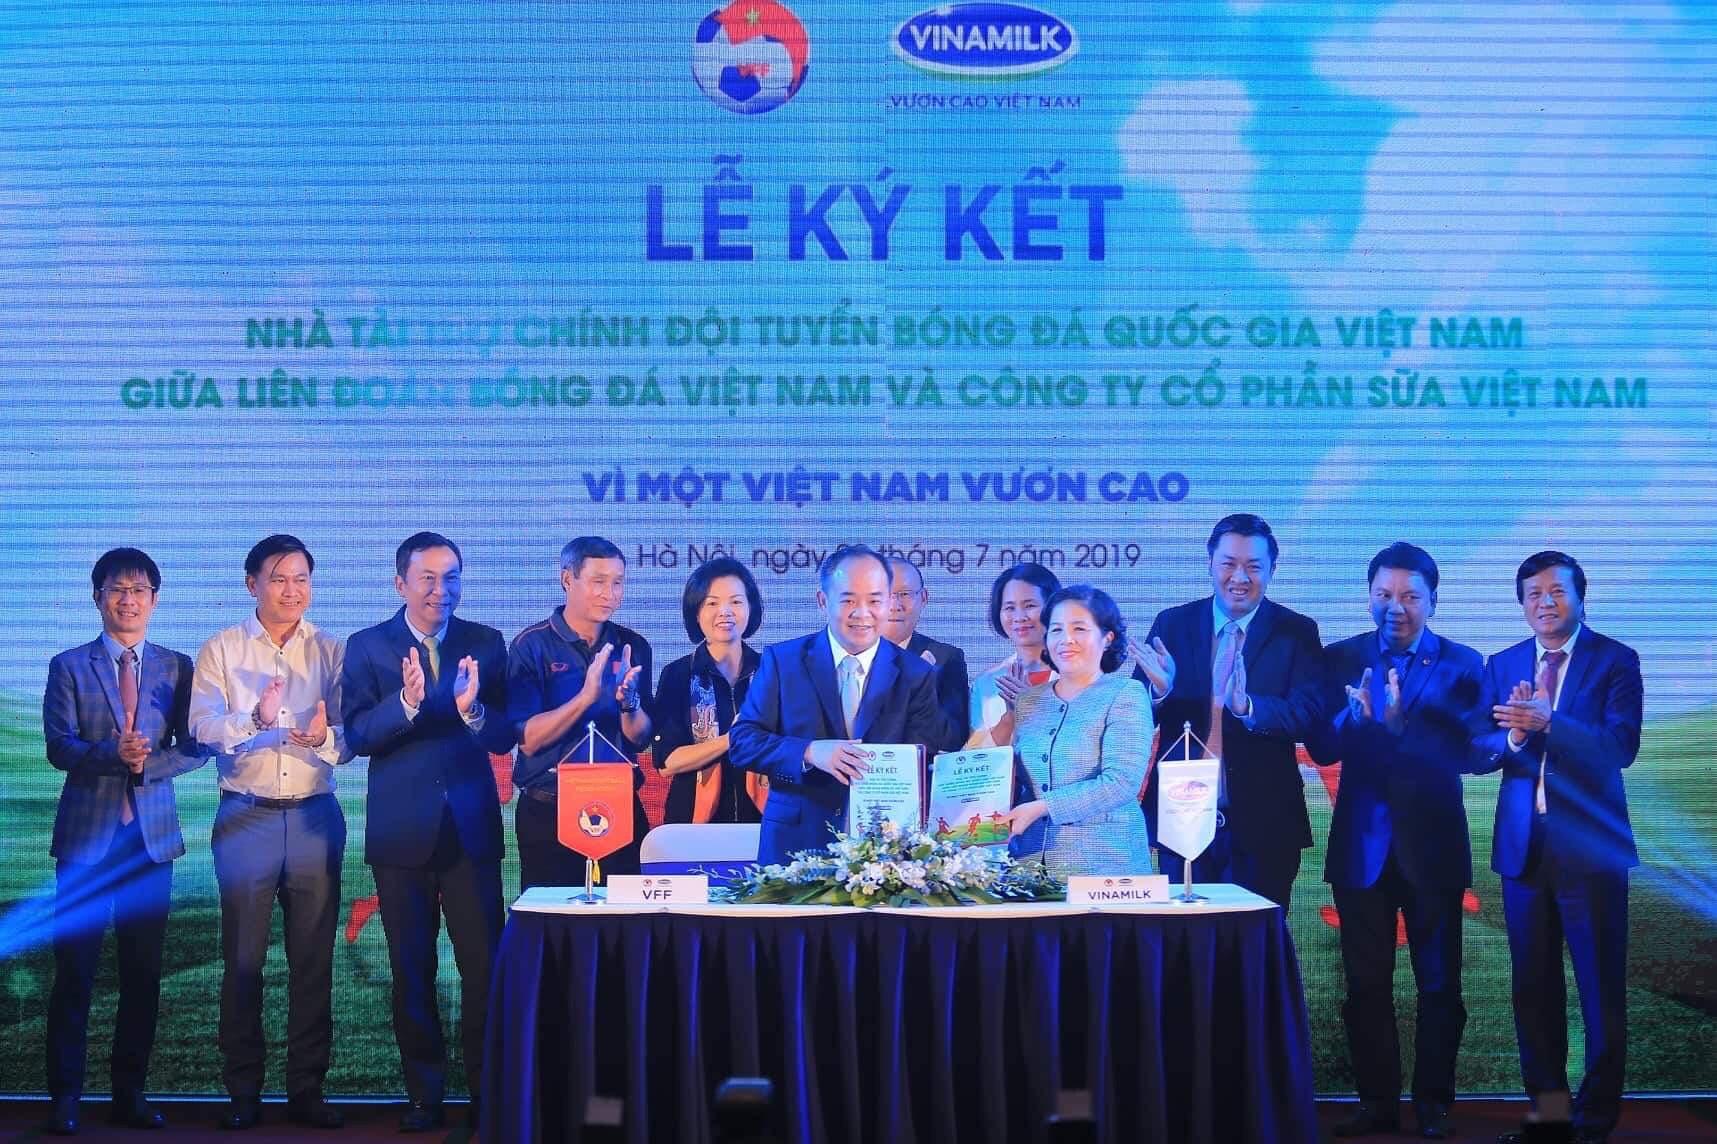 Vinamilk tài trợ chính cho các Đội tuyển bóng đá Quốc gia: Vì một Việt Nam vươn cao